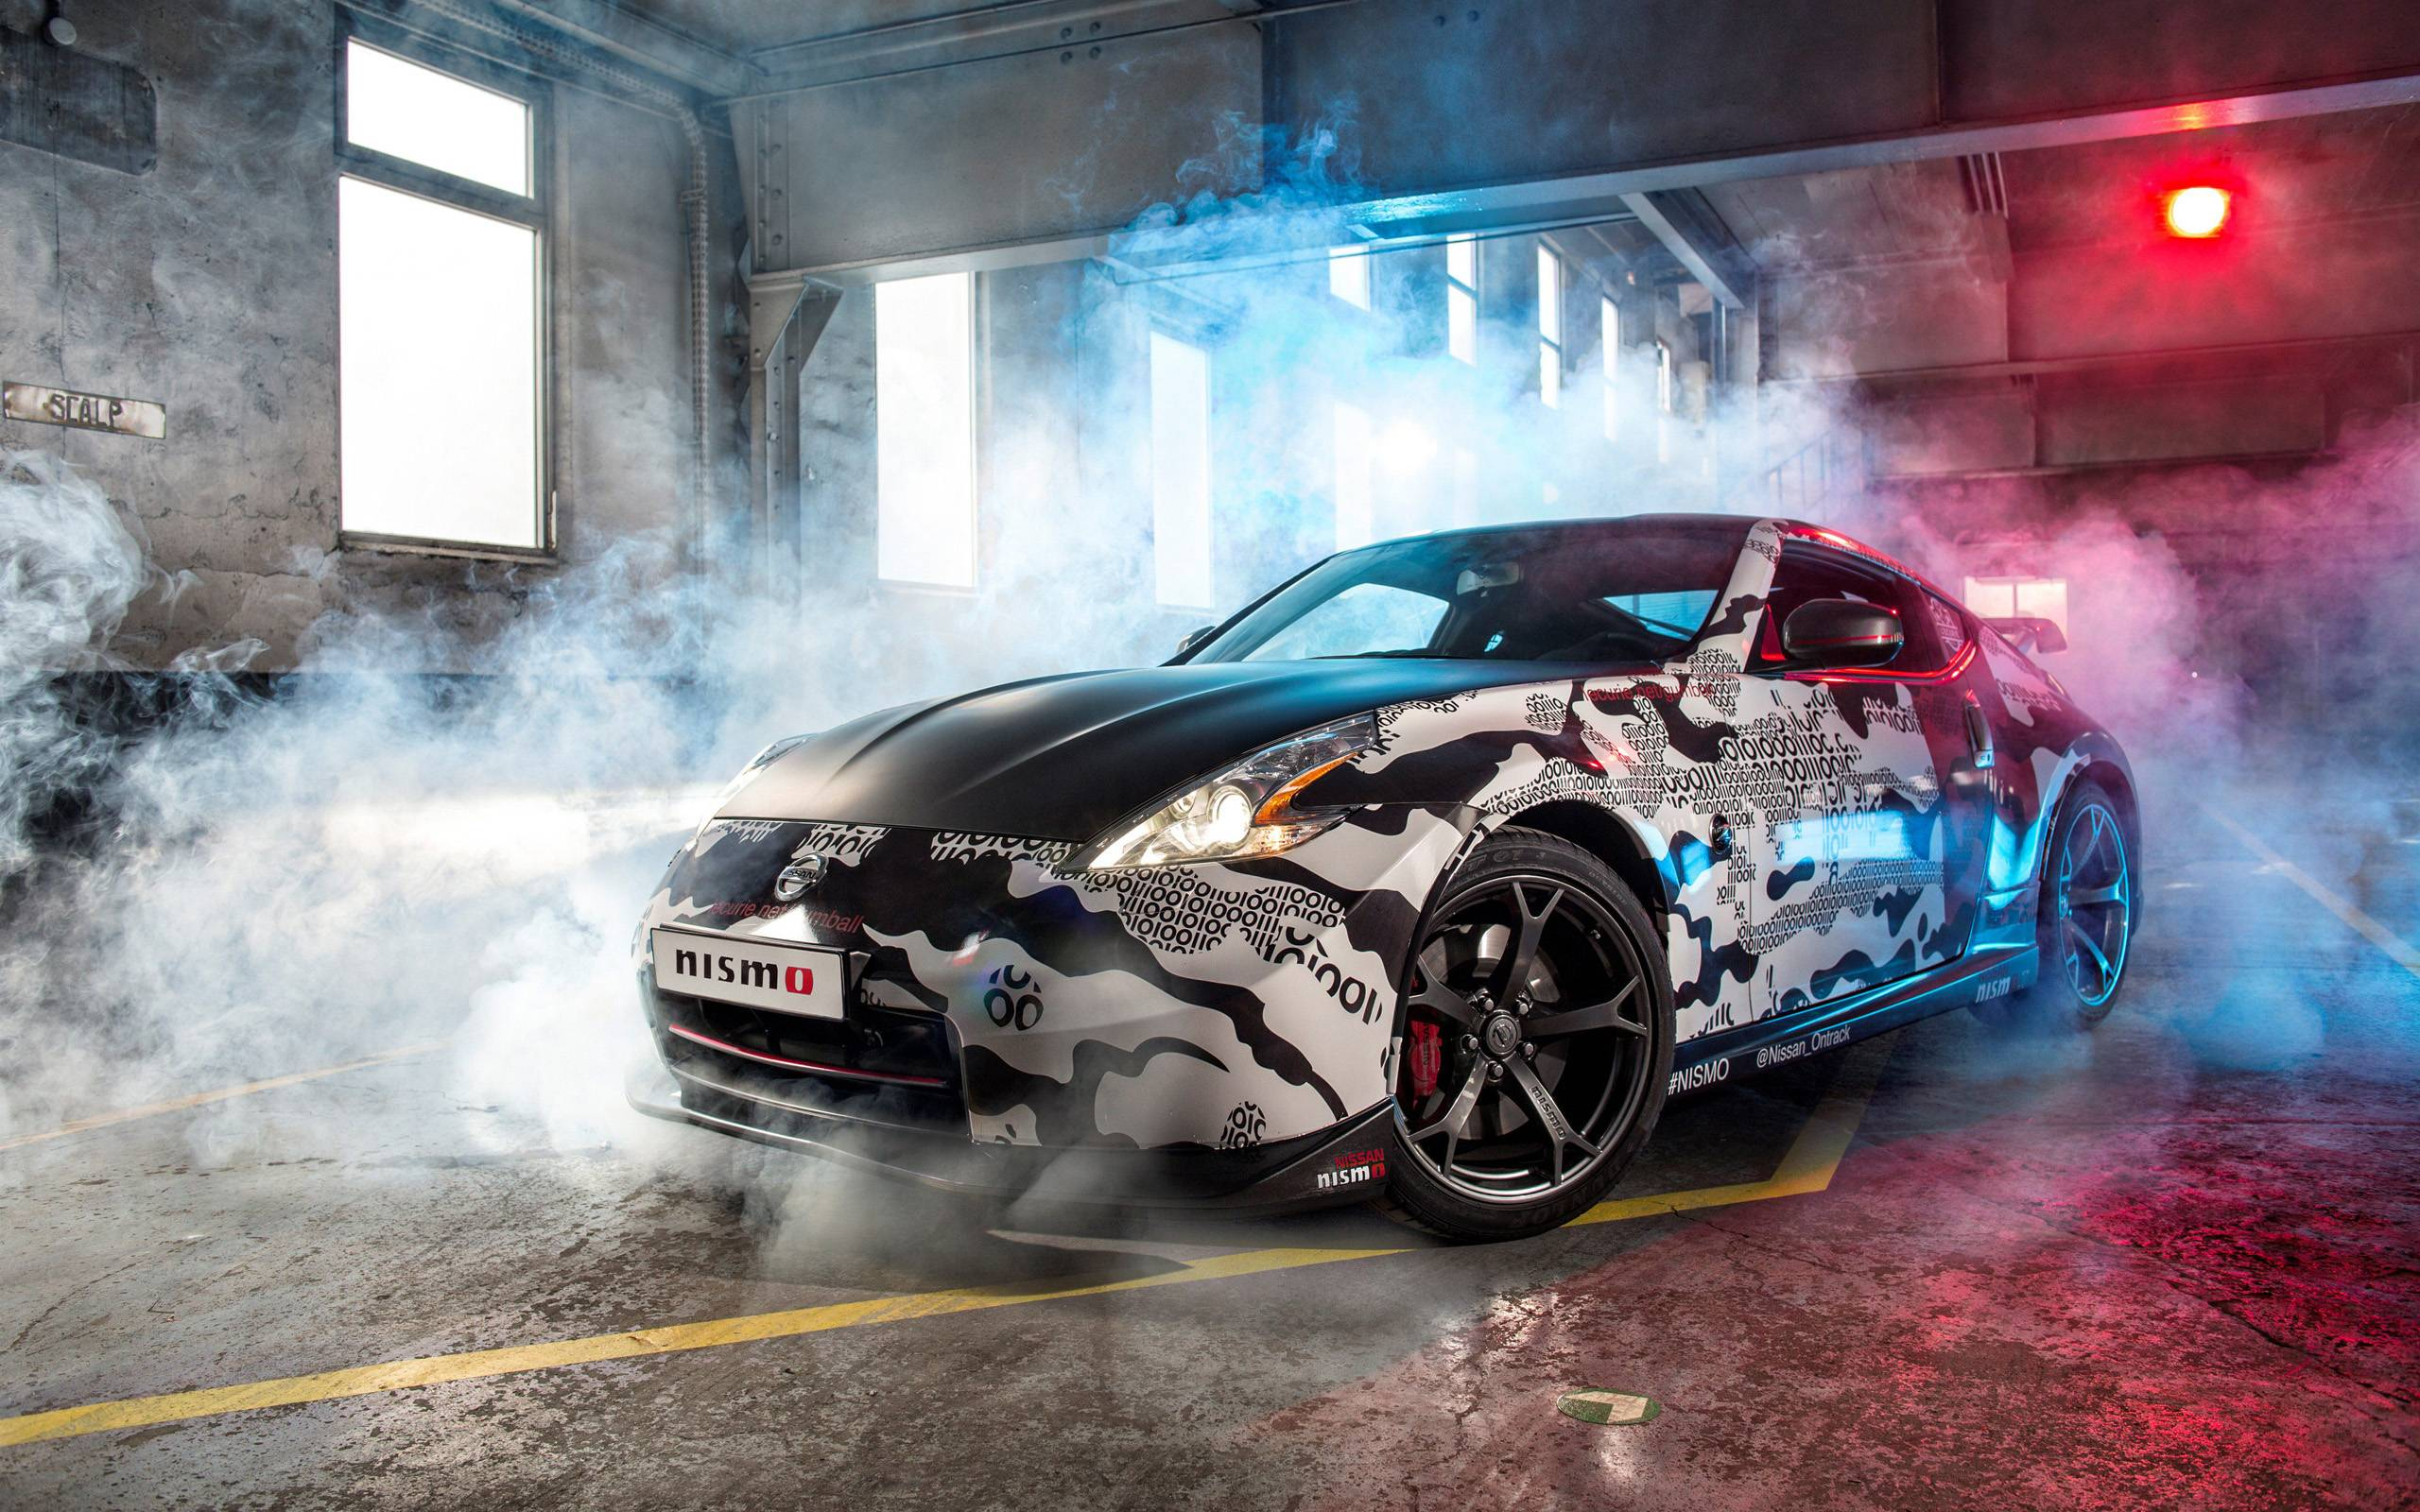 370Z Wallpaper HD - WallpaperSafari